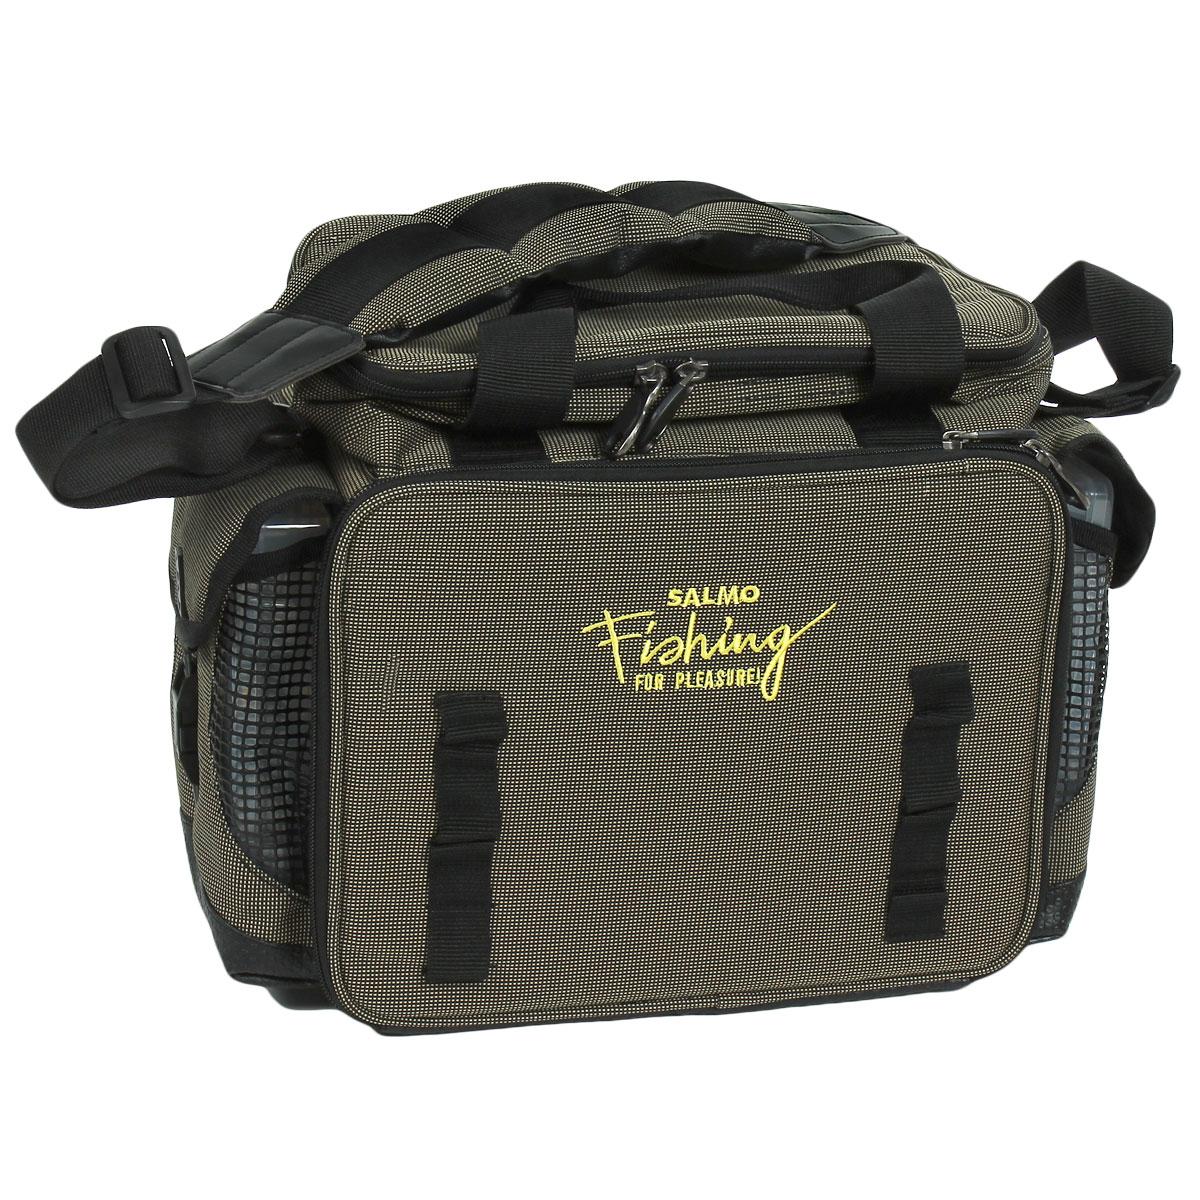 Сумка рыболовная Salmo 09, цвет: серыйANTR5Удобная сумка для рыболовных принадлежностей. В комплекте пять пластиковых коробок, размером 28 см х 18 см х 4 см, и две коробки, размером 20 см х 13 см х 4 см, с многочисленными отделениями. Верхнее отделение, удобное для перевозки катушек.Двойная ручка и мягкий, регулируемый по длине, наплечный ремень.